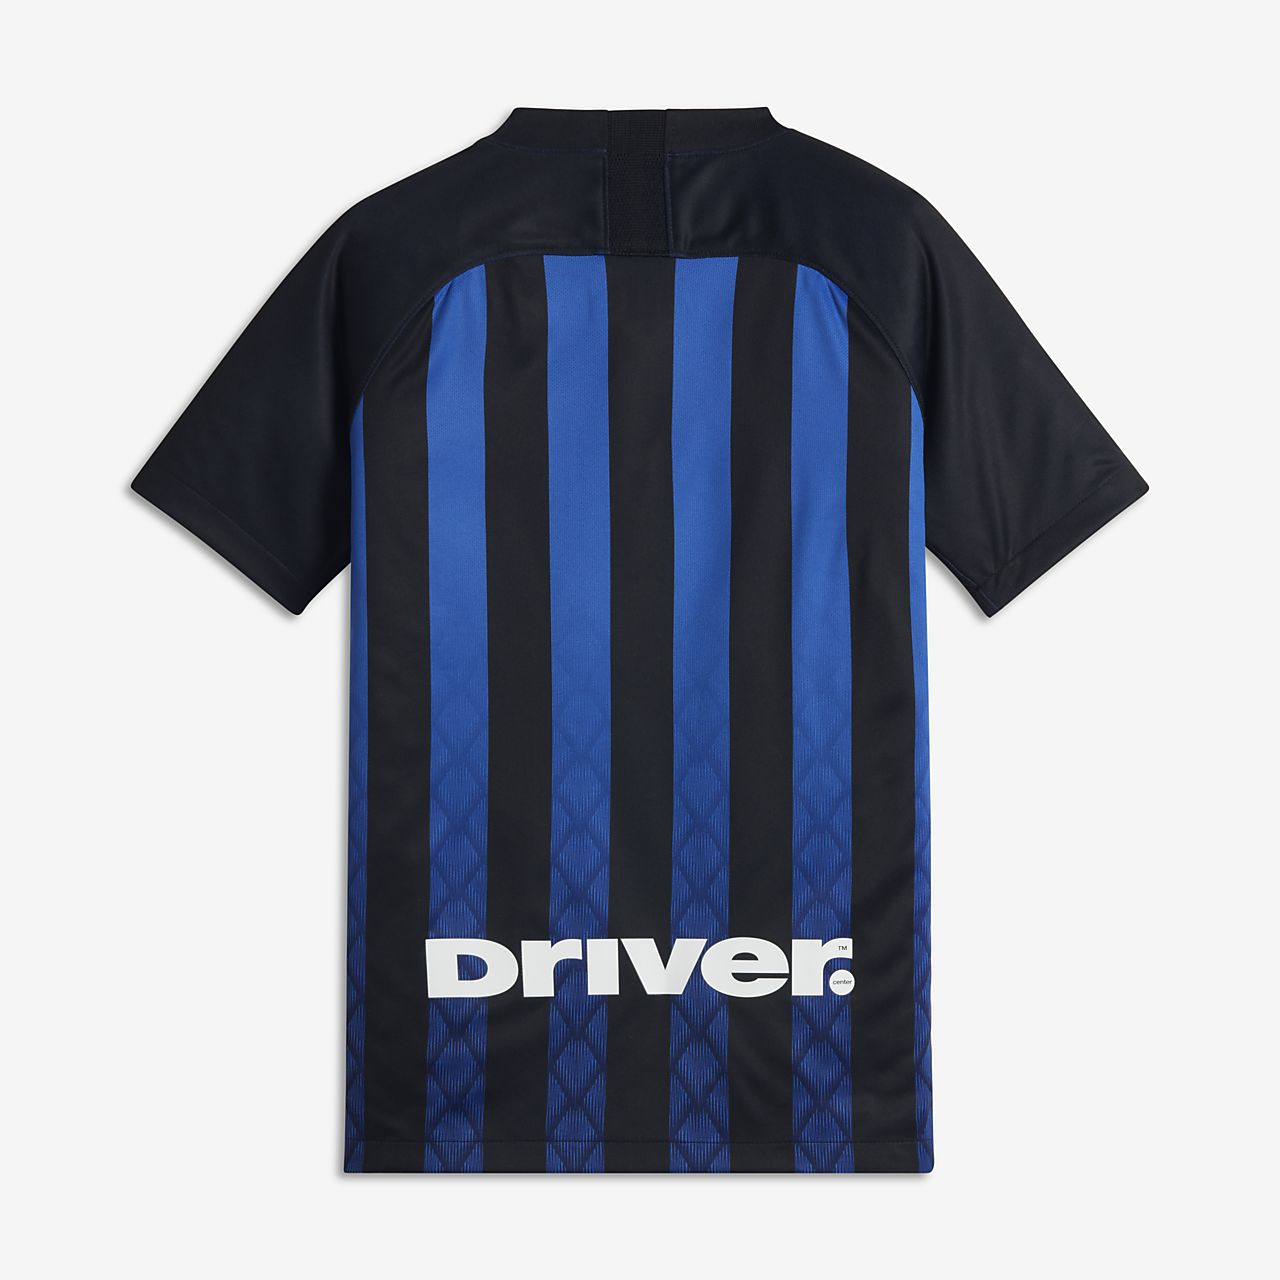 ... Camiseta de fútbol para niños talla grande de local Stadium del Inter  de Milán 2018  6105ee602fb97